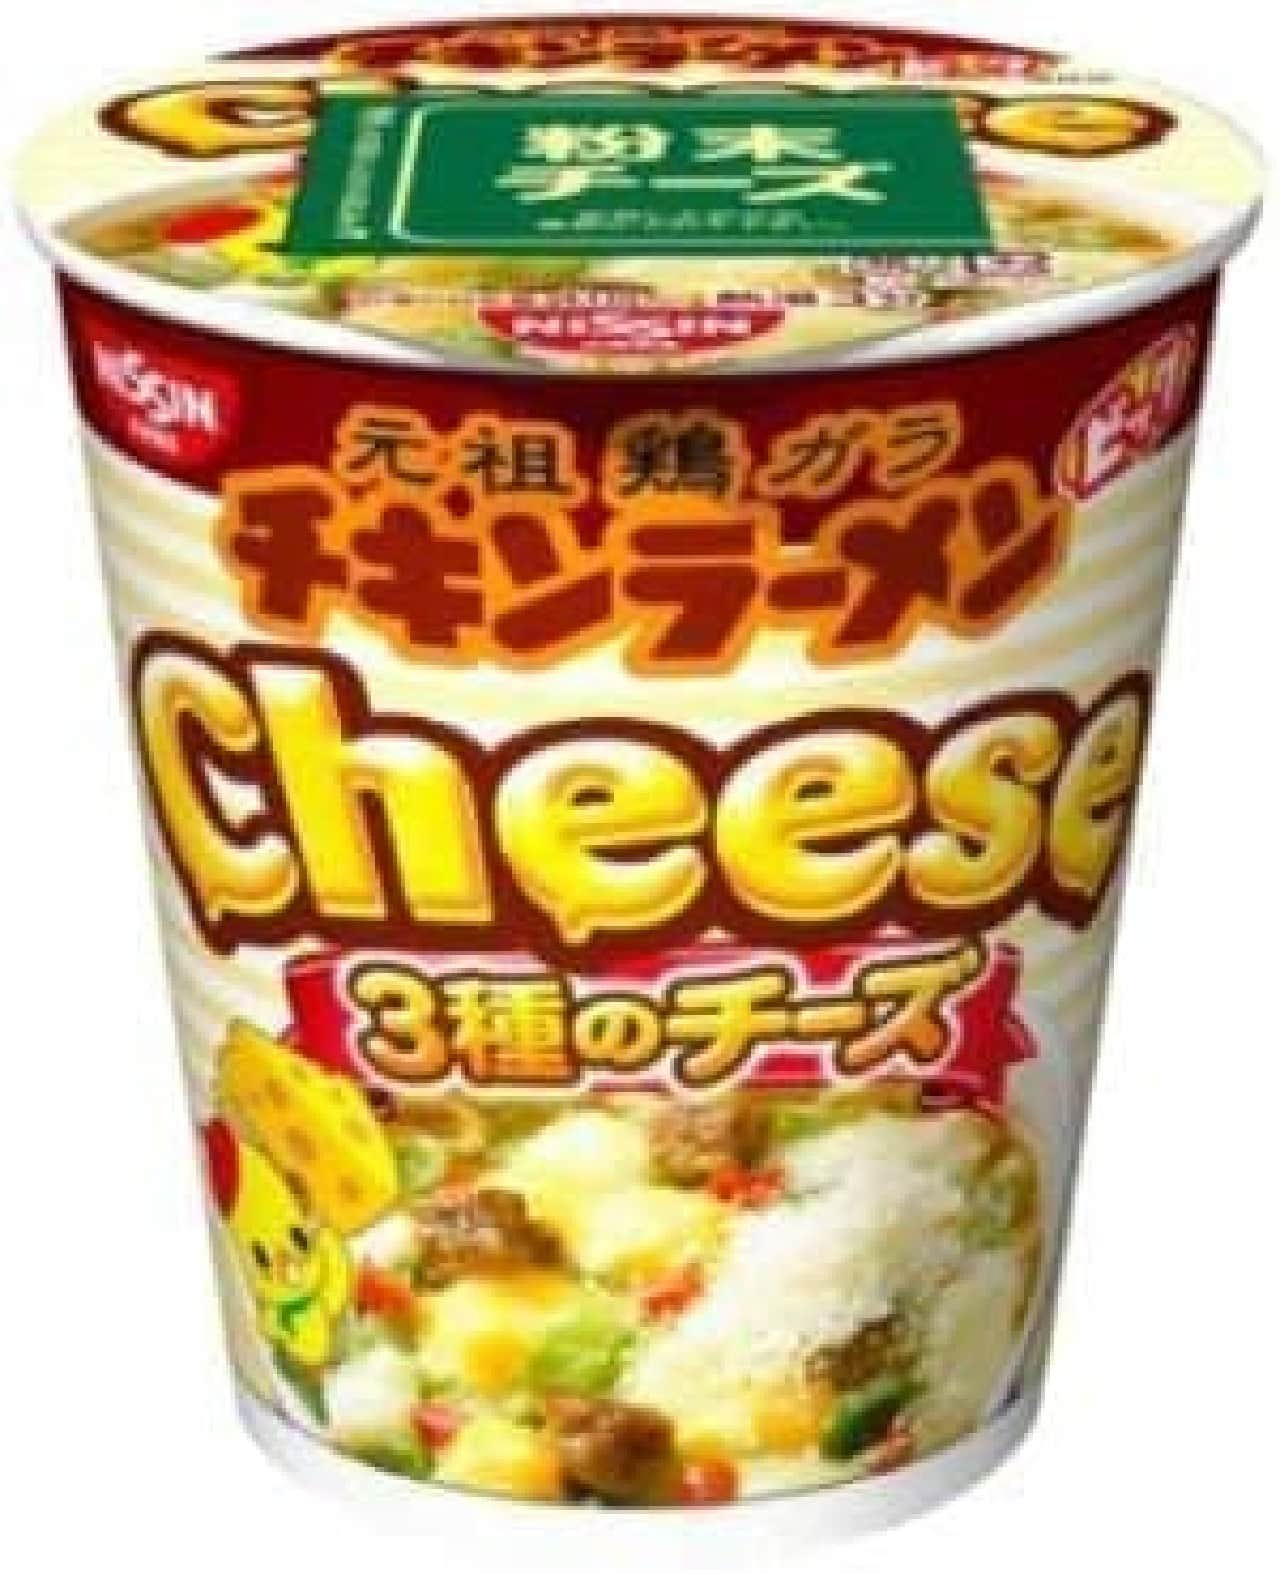 3種のチーズを贅沢に!